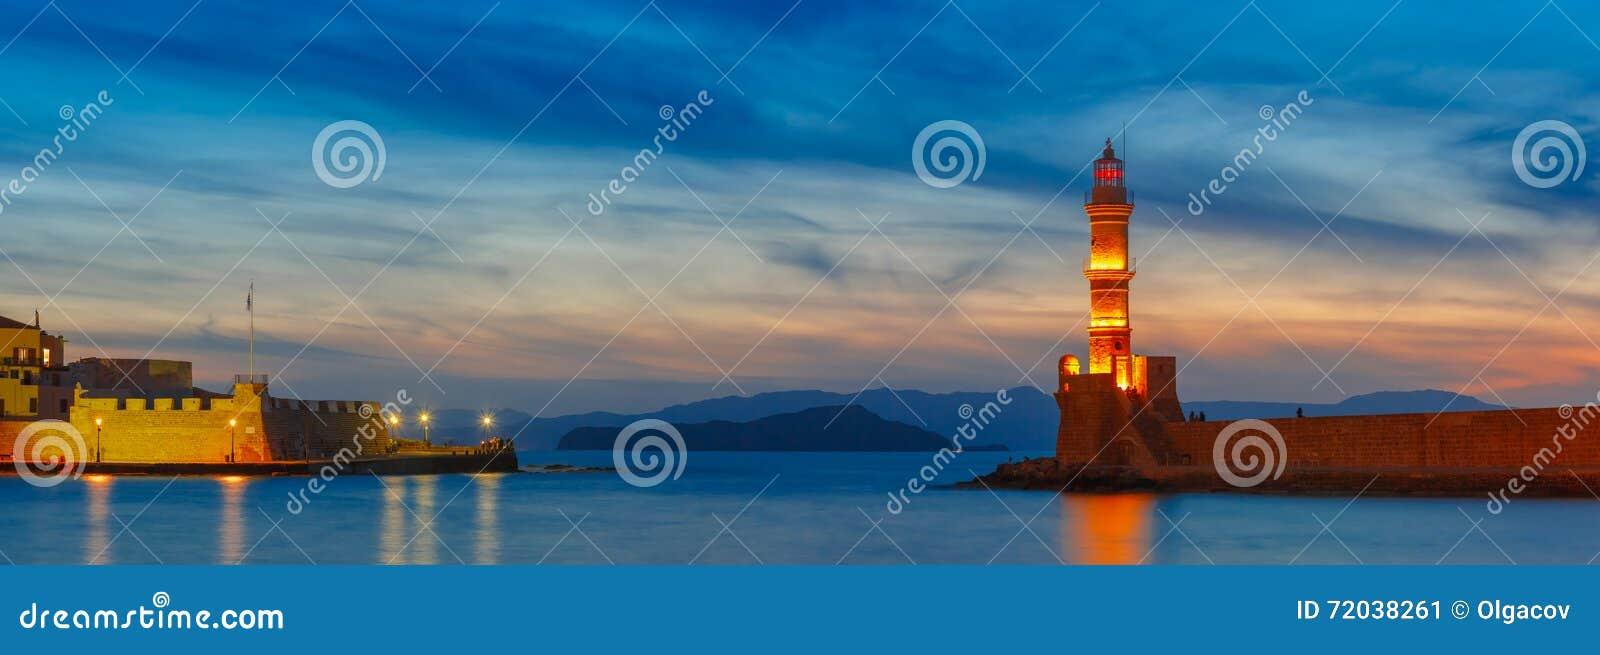 Маяк на заходе солнца, Chania, Крит, Греция